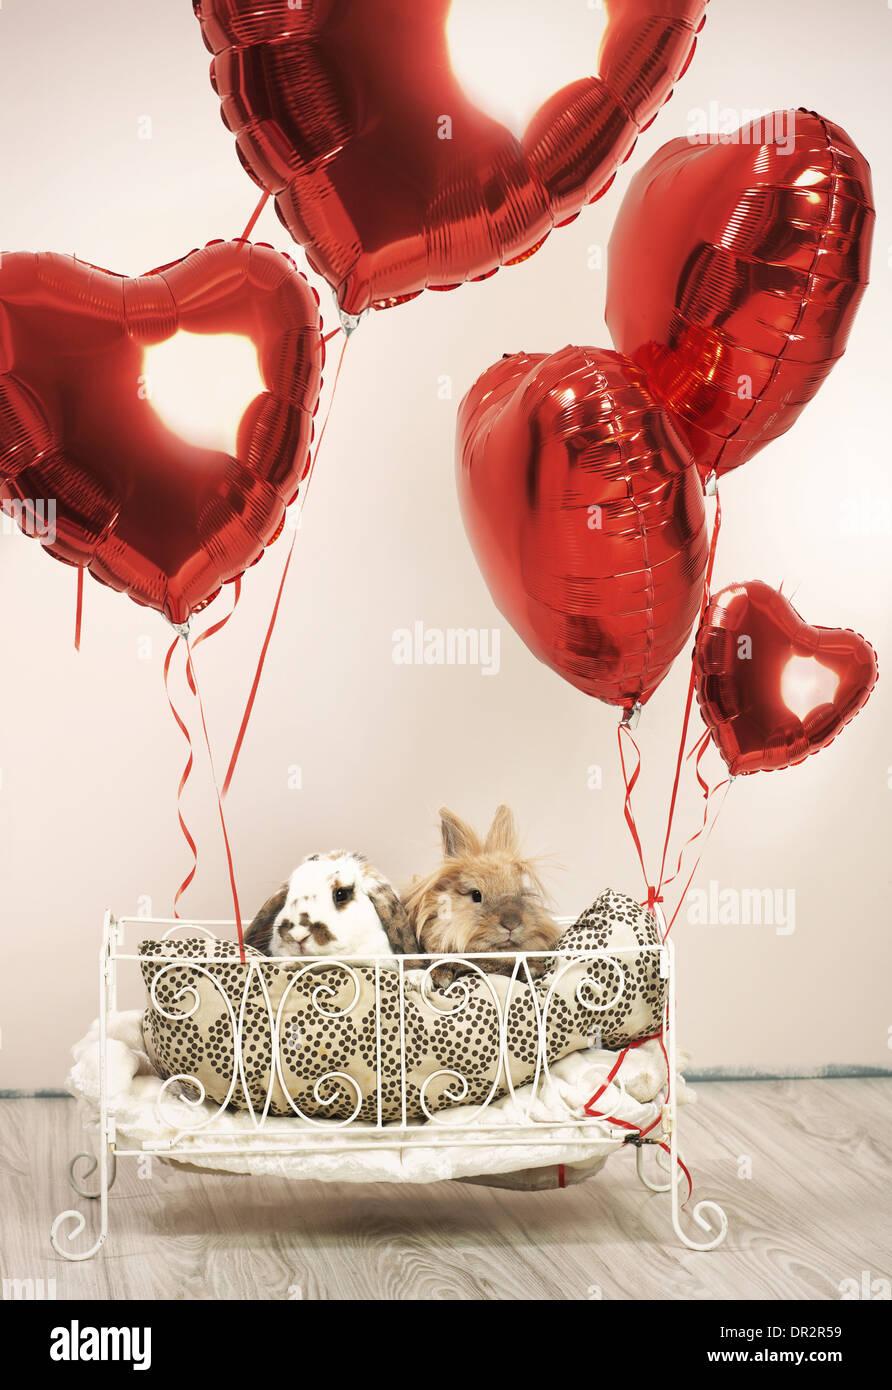 Dos conejos en escena de San Valentín con globos Imagen De Stock